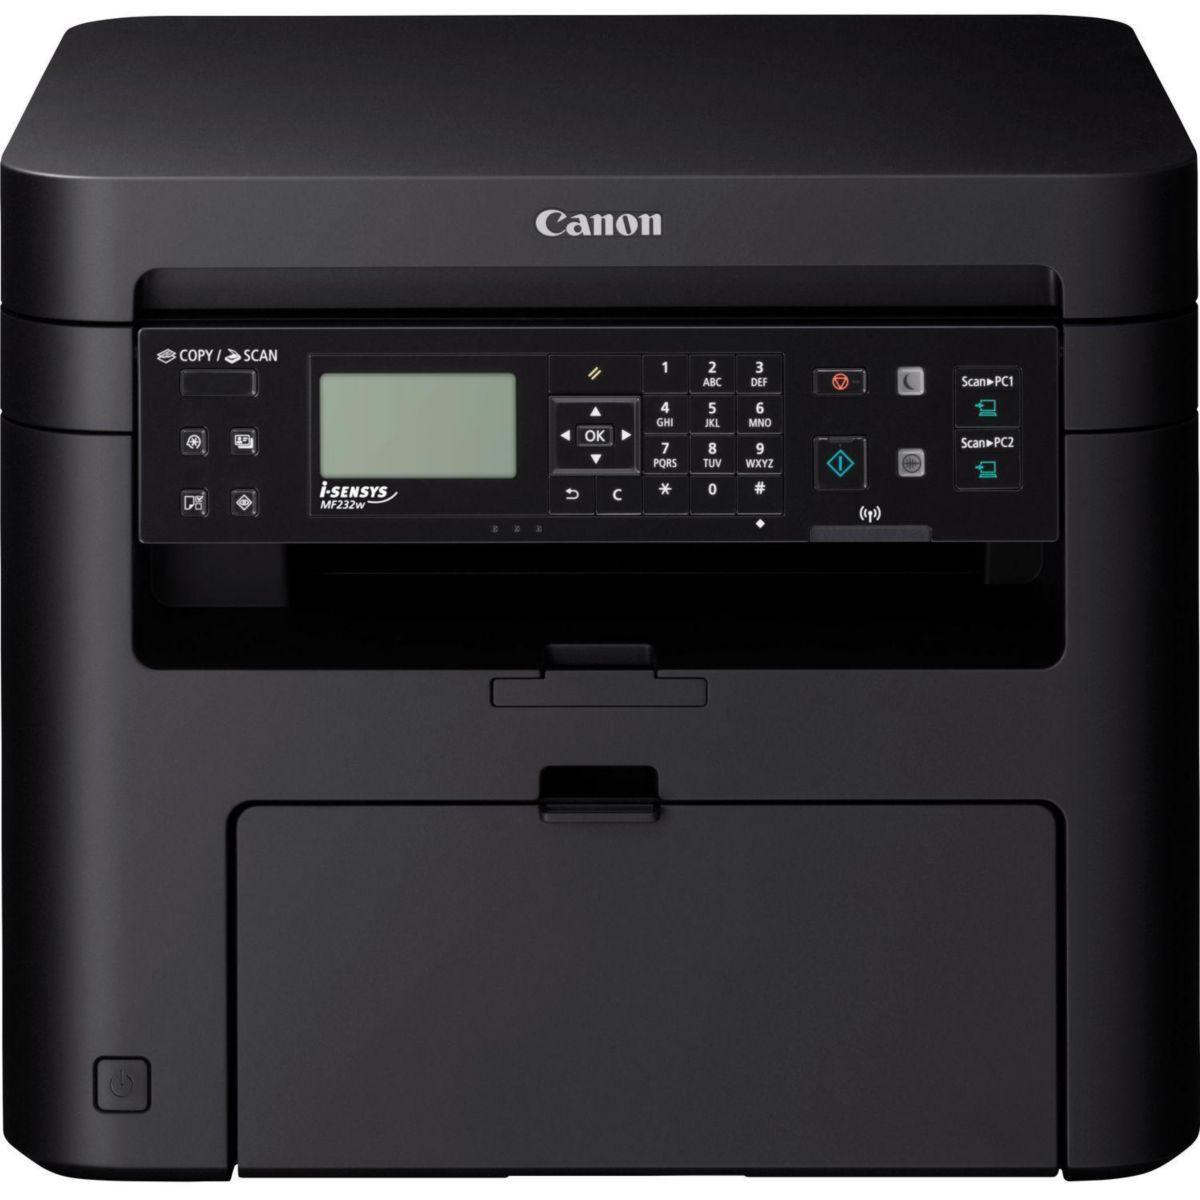 Imprimante canon i-sensys mf232w - 15% de remise imm�diate avec le code : wd15 (photo)